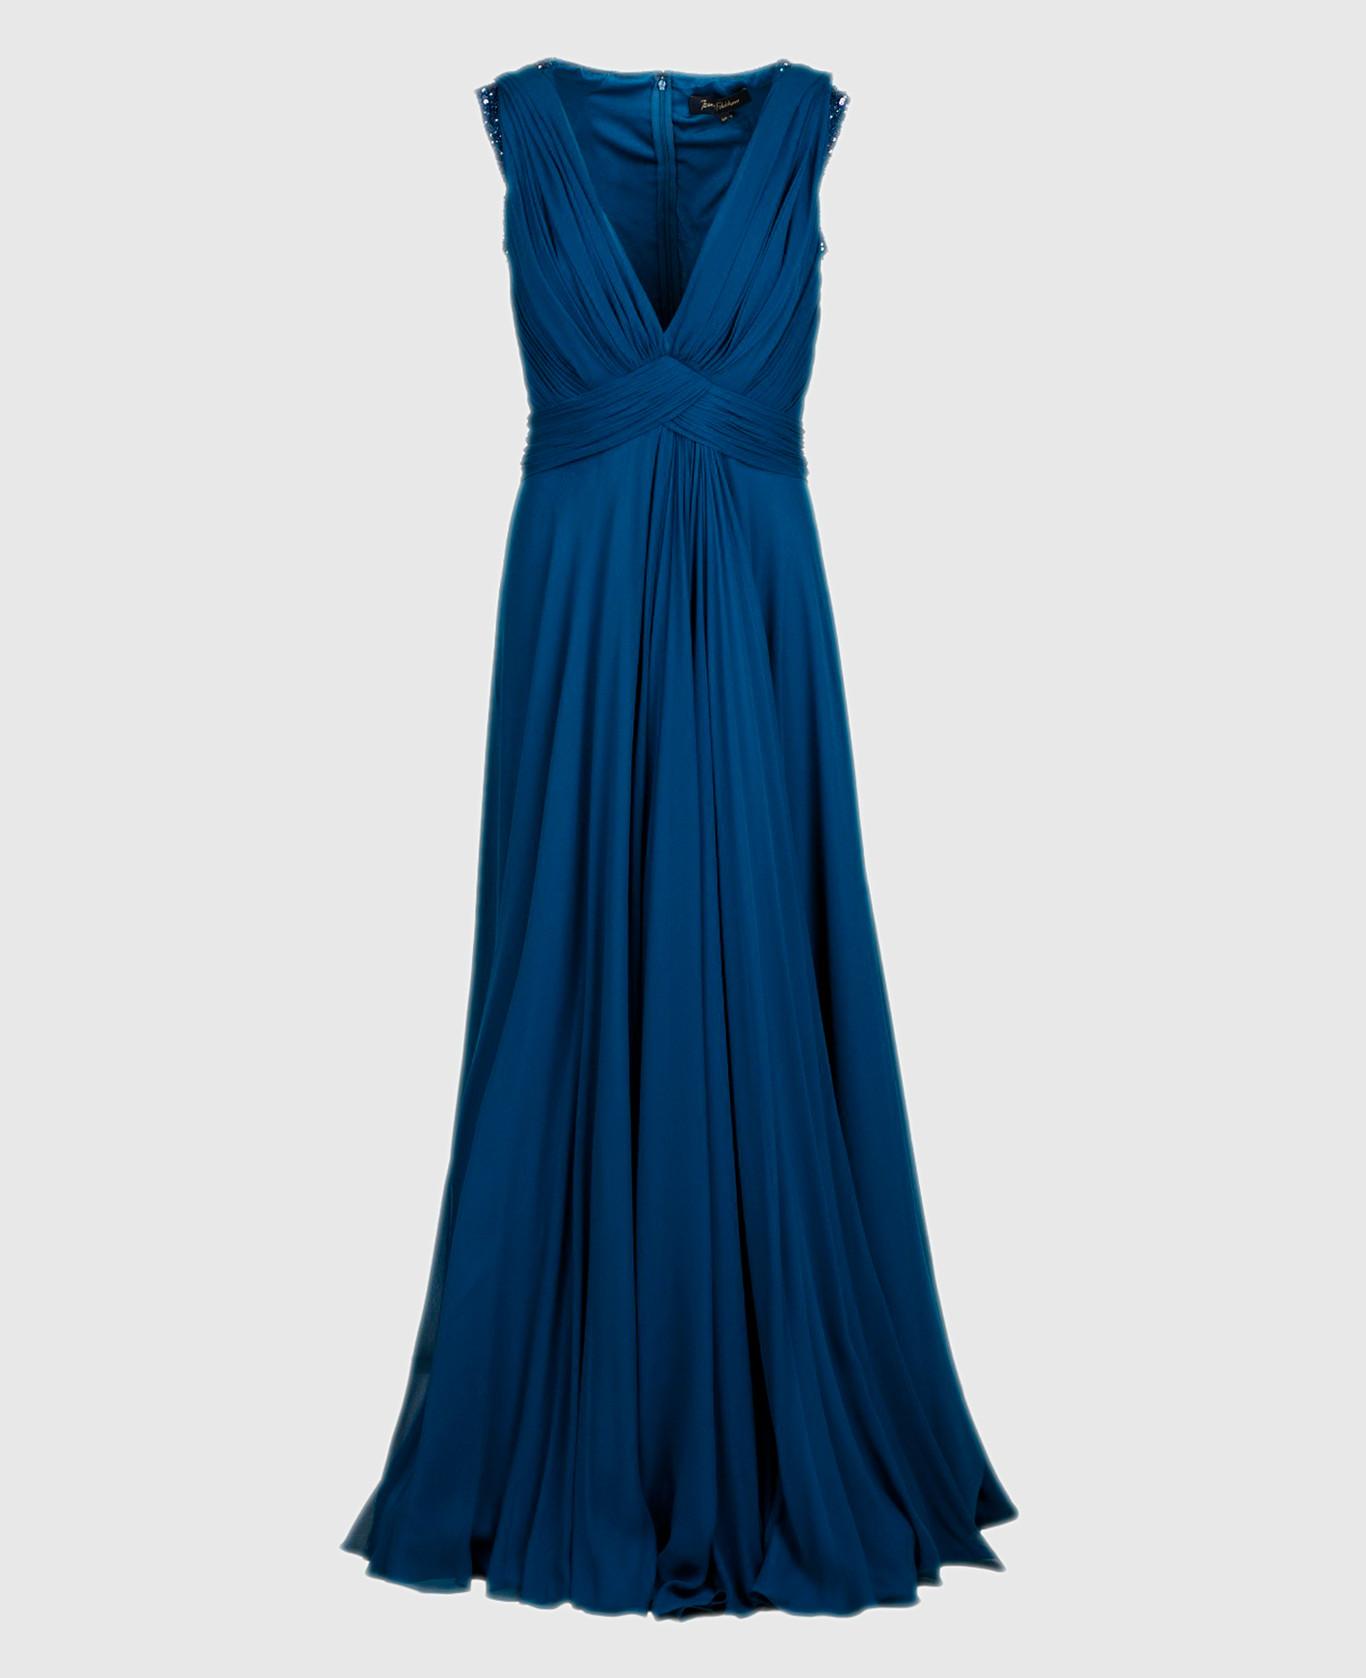 Темно-синее платье из шелка со шлейфом